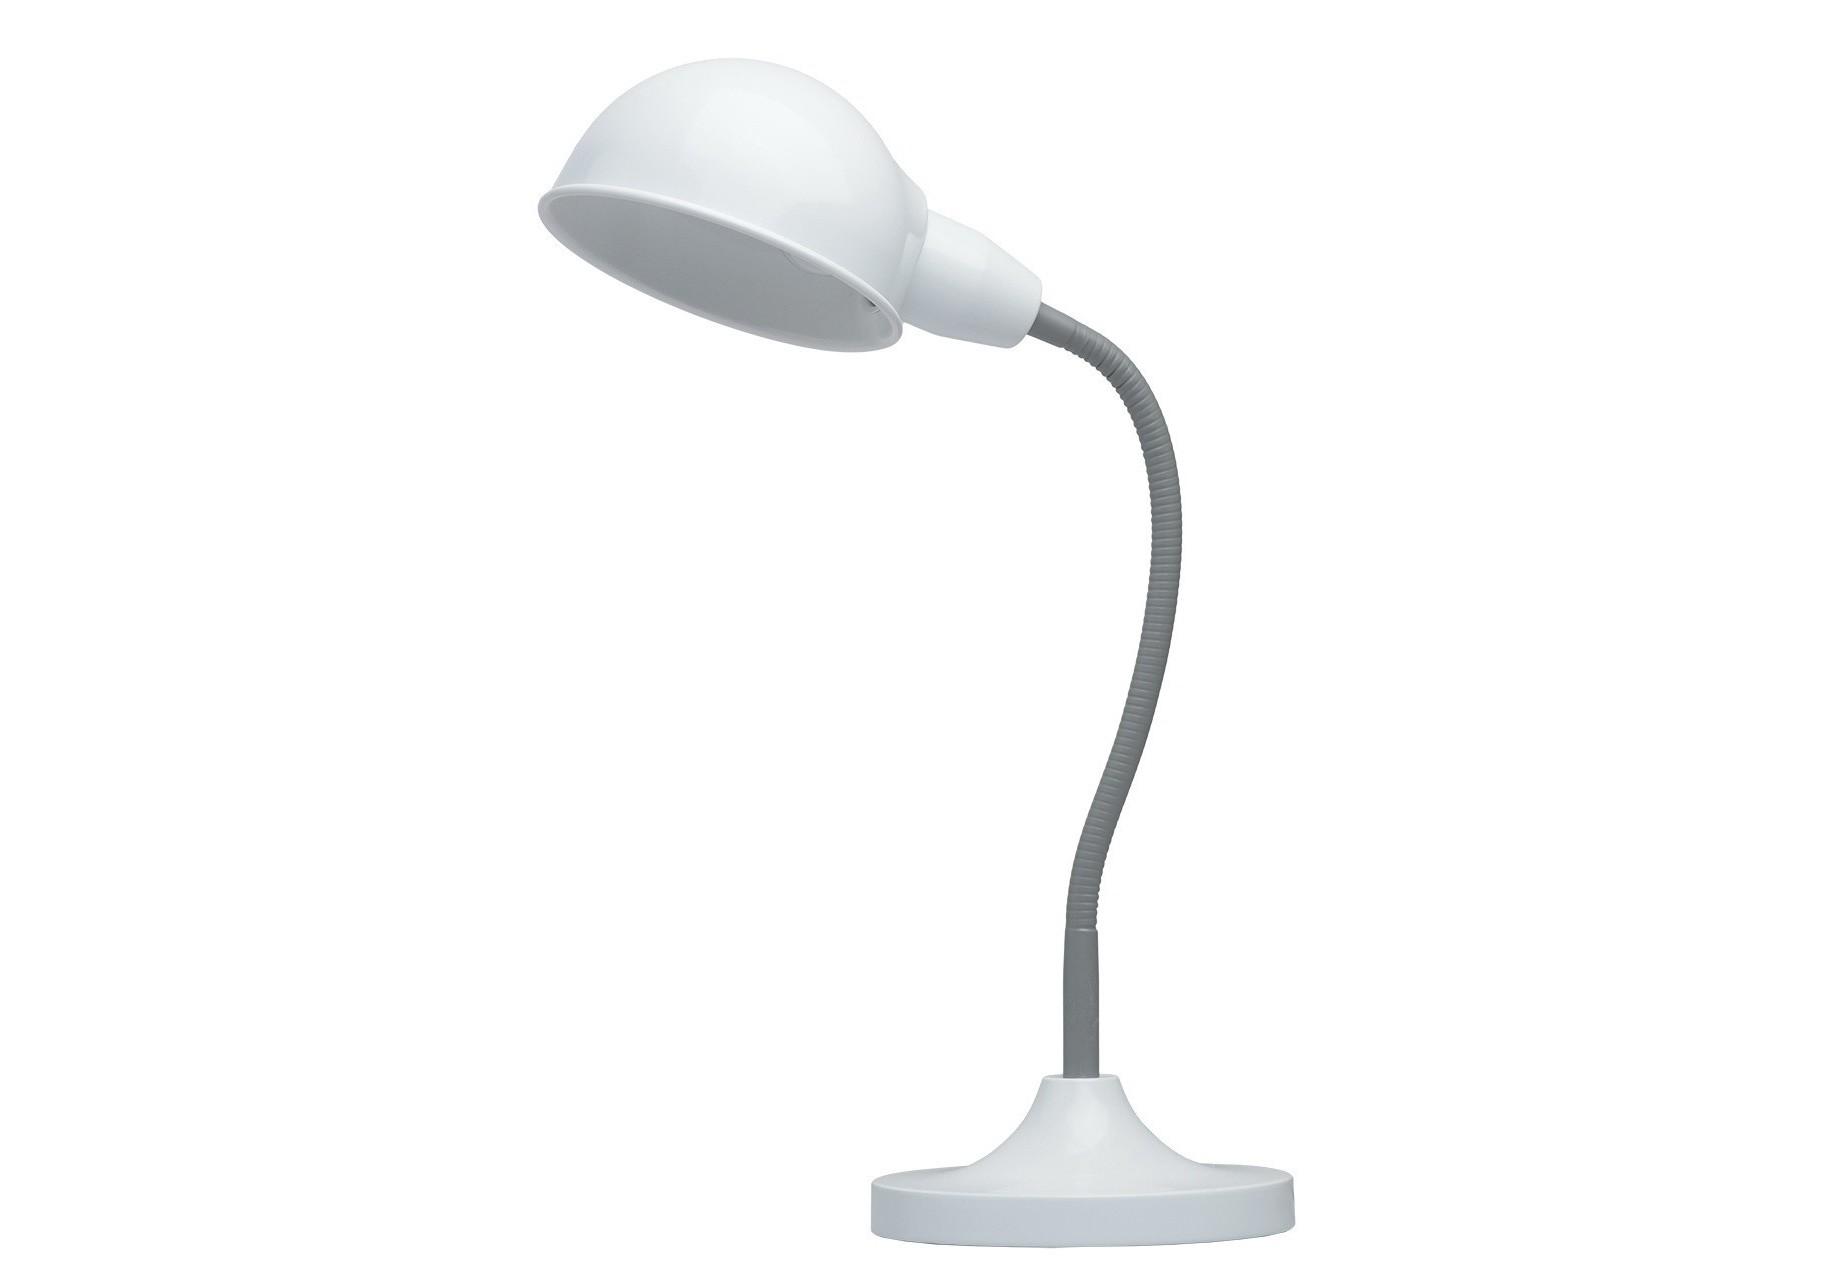 Настольная лампа РакурсНастольные лампы<br>Цоколь: E27,&amp;amp;nbsp;&amp;lt;div&amp;gt;Мощность лампы: 40W,&amp;amp;nbsp;&amp;lt;/div&amp;gt;&amp;lt;div&amp;gt;Количество ламп: 1&amp;amp;nbsp;&amp;lt;/div&amp;gt;&amp;lt;div&amp;gt;Без лампочек в комплекте.&amp;lt;/div&amp;gt;<br><br>Material: Металл<br>Ширина см: 35<br>Высота см: 45<br>Глубина см: 30